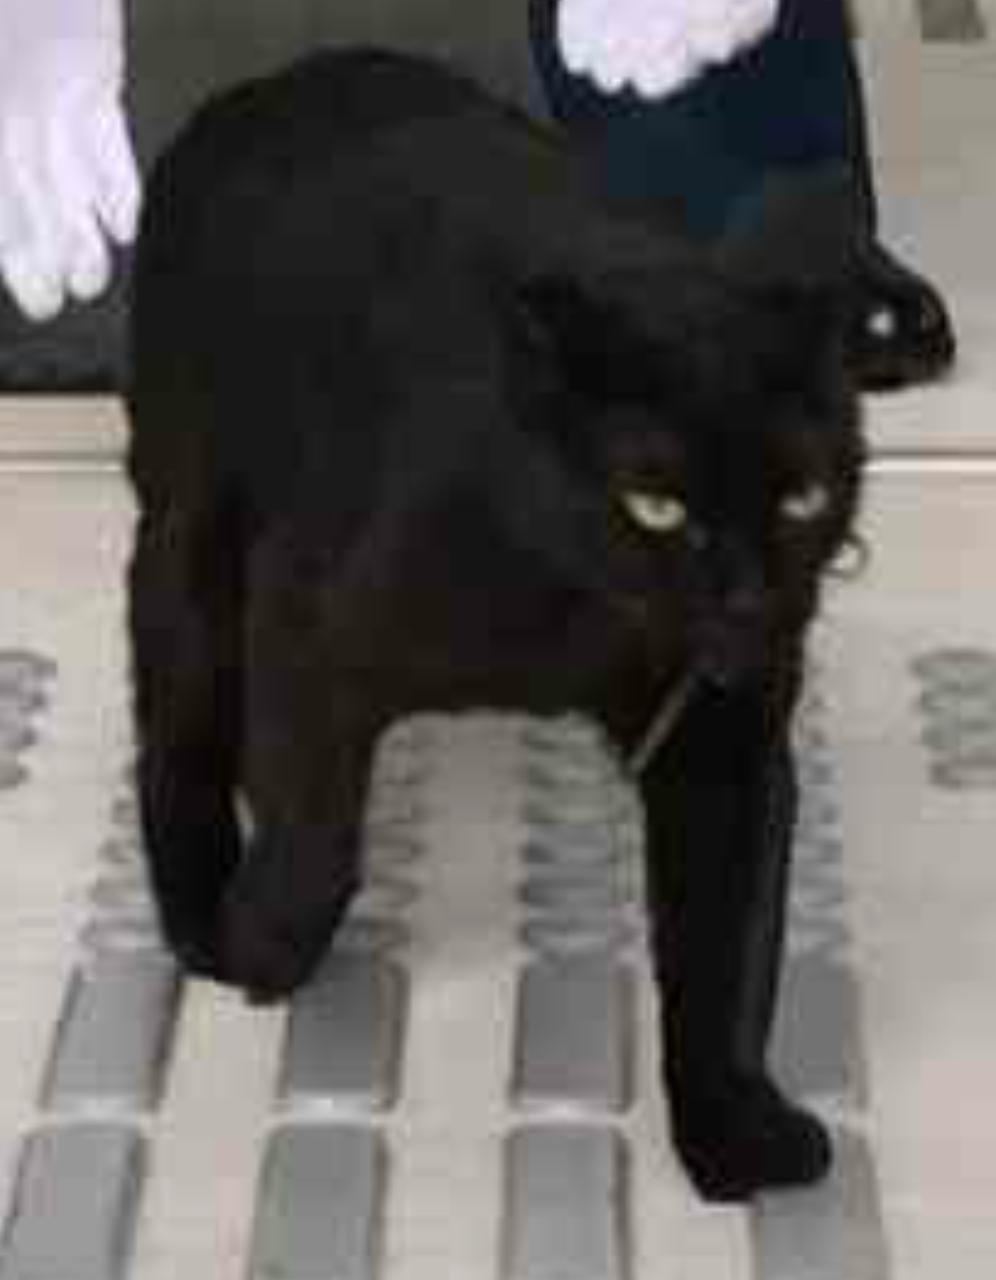 """「ここに仲間の気配がするニャ…」尾道市""""猫まみれ展""""に黒猫が侵入を試みる事案が発生"""